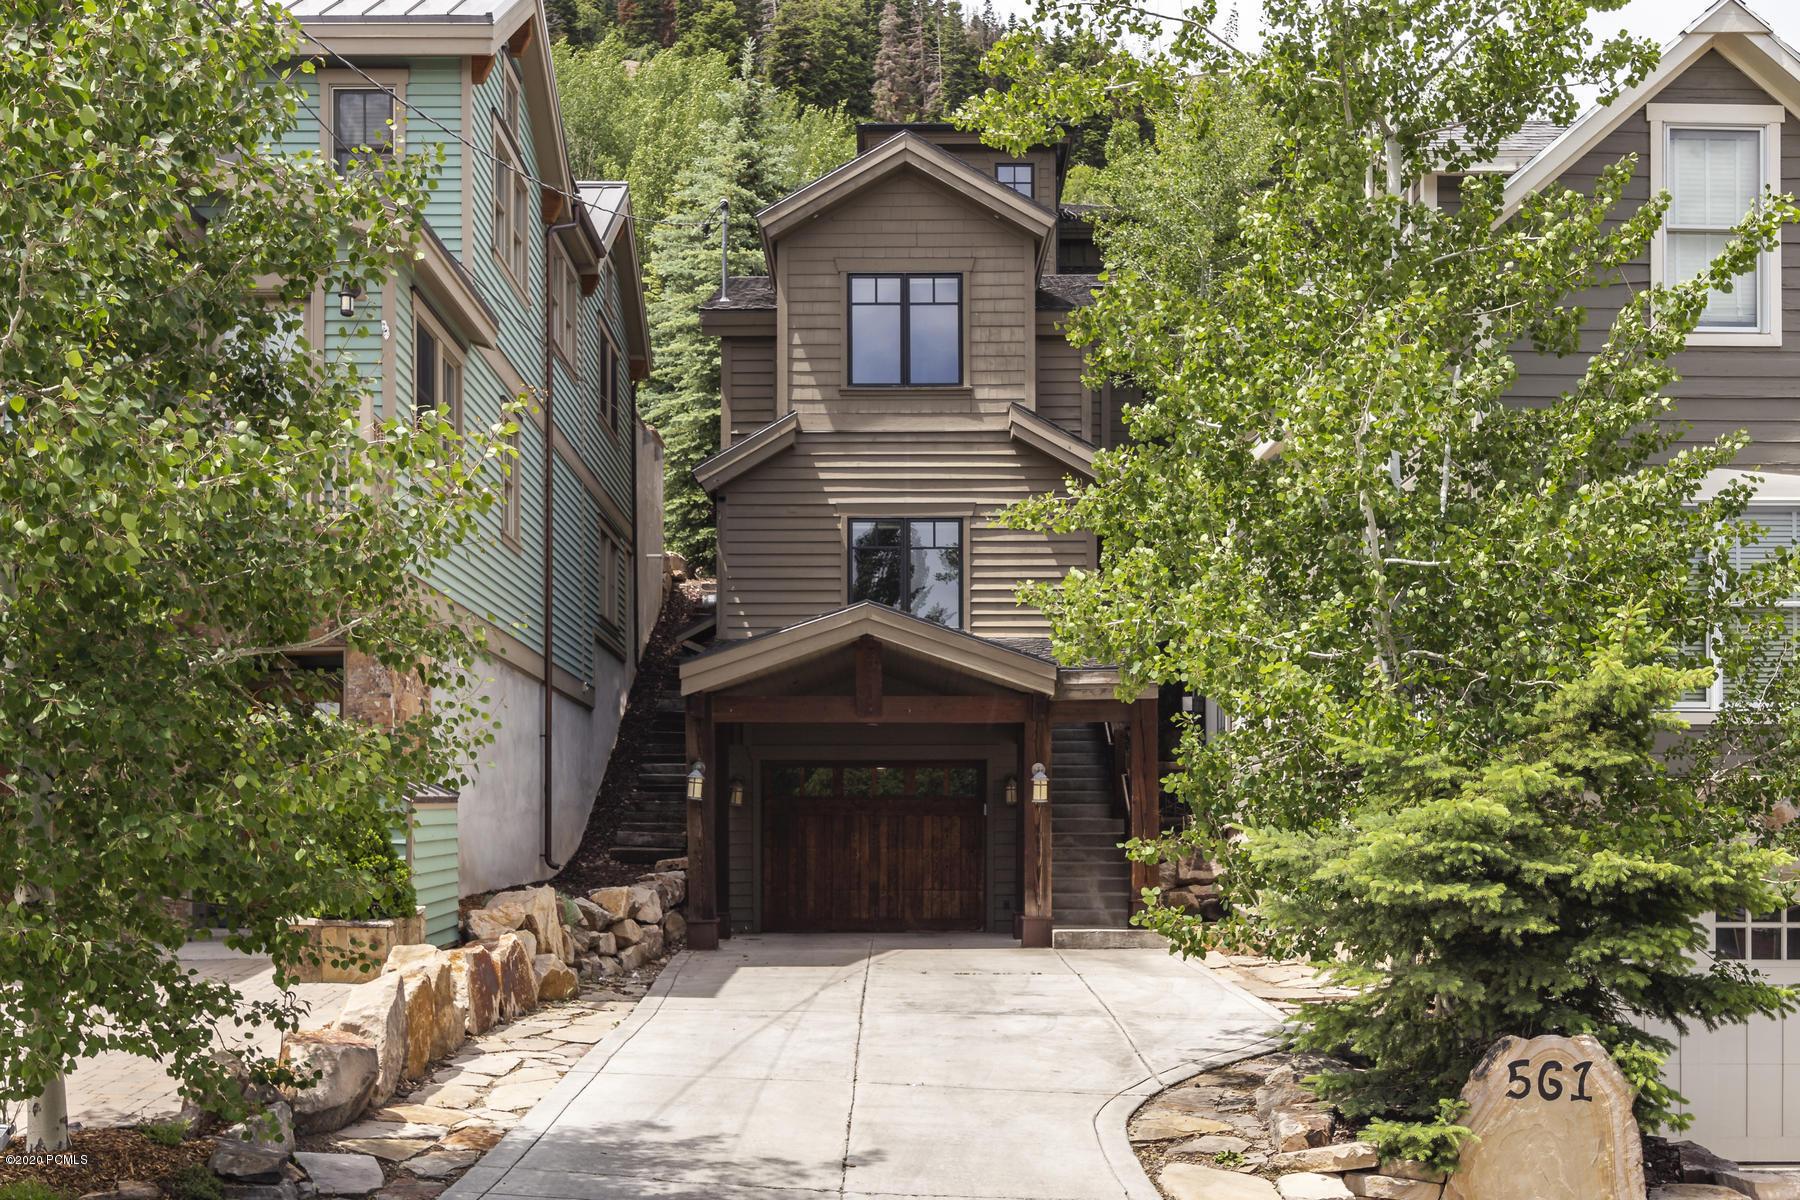 561 Woodside Avenue, Park City, Utah 84060, 6 Bedrooms Bedrooms, ,7 BathroomsBathrooms,Single Family,For Sale,Woodside,20190109112430415765000000